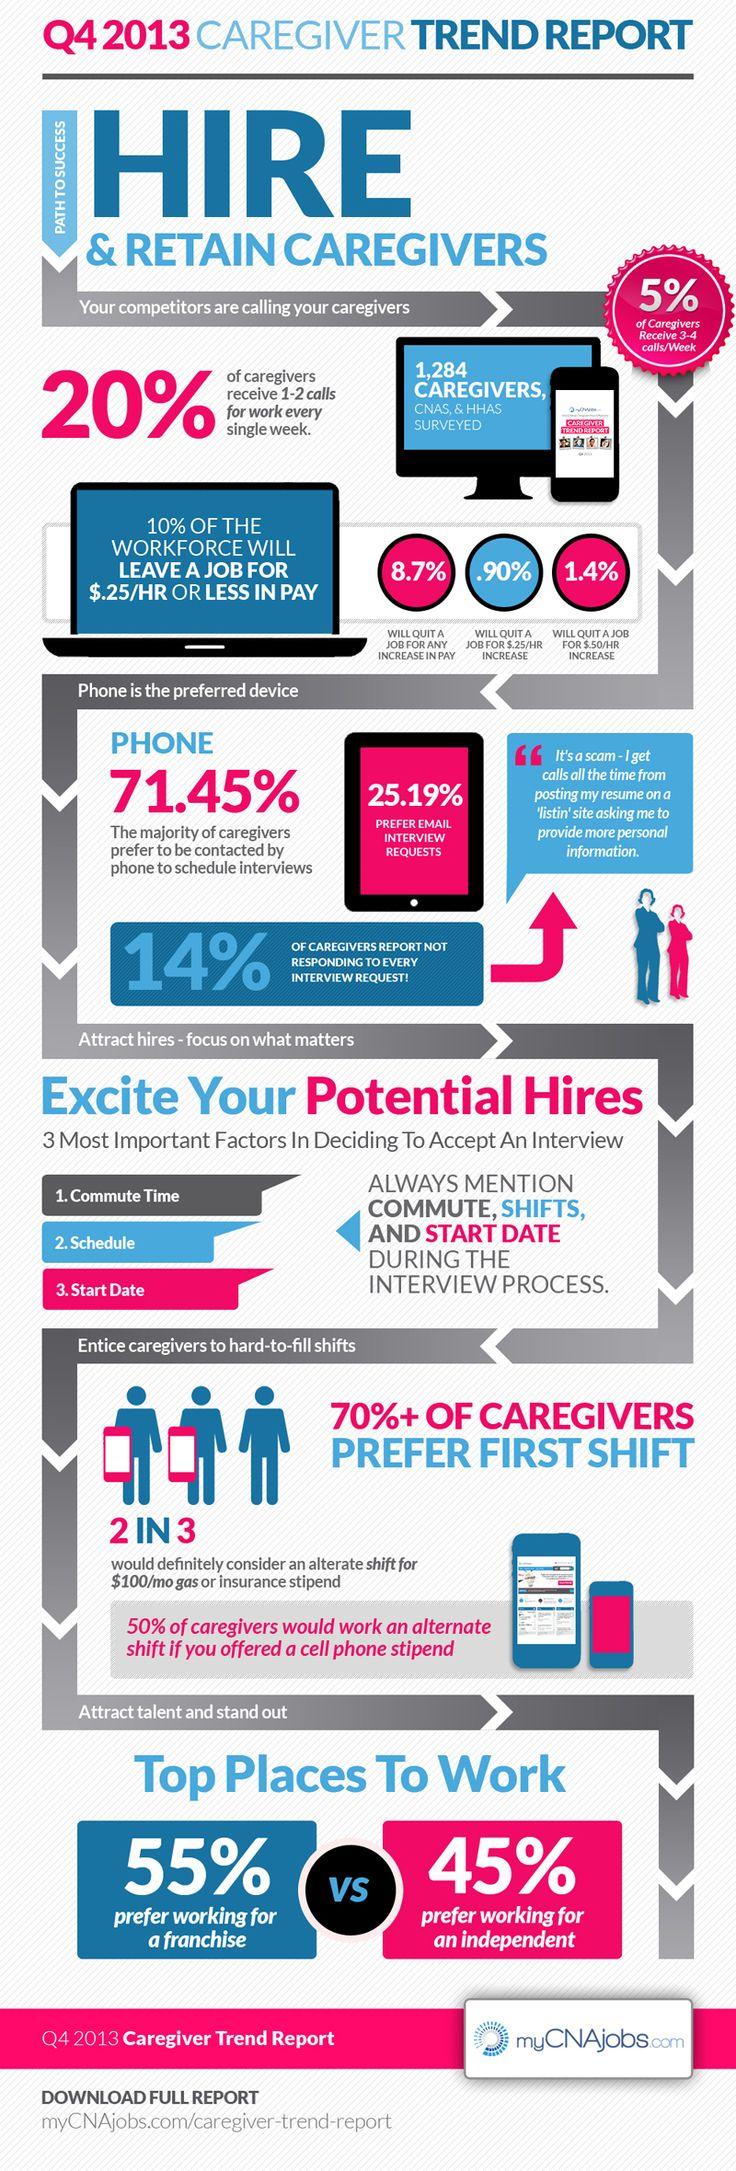 62 best caregiver cna jobs images on pinterest caregiver cna caregiver trend report cna jobscareer successcaregiver xflitez Choice Image